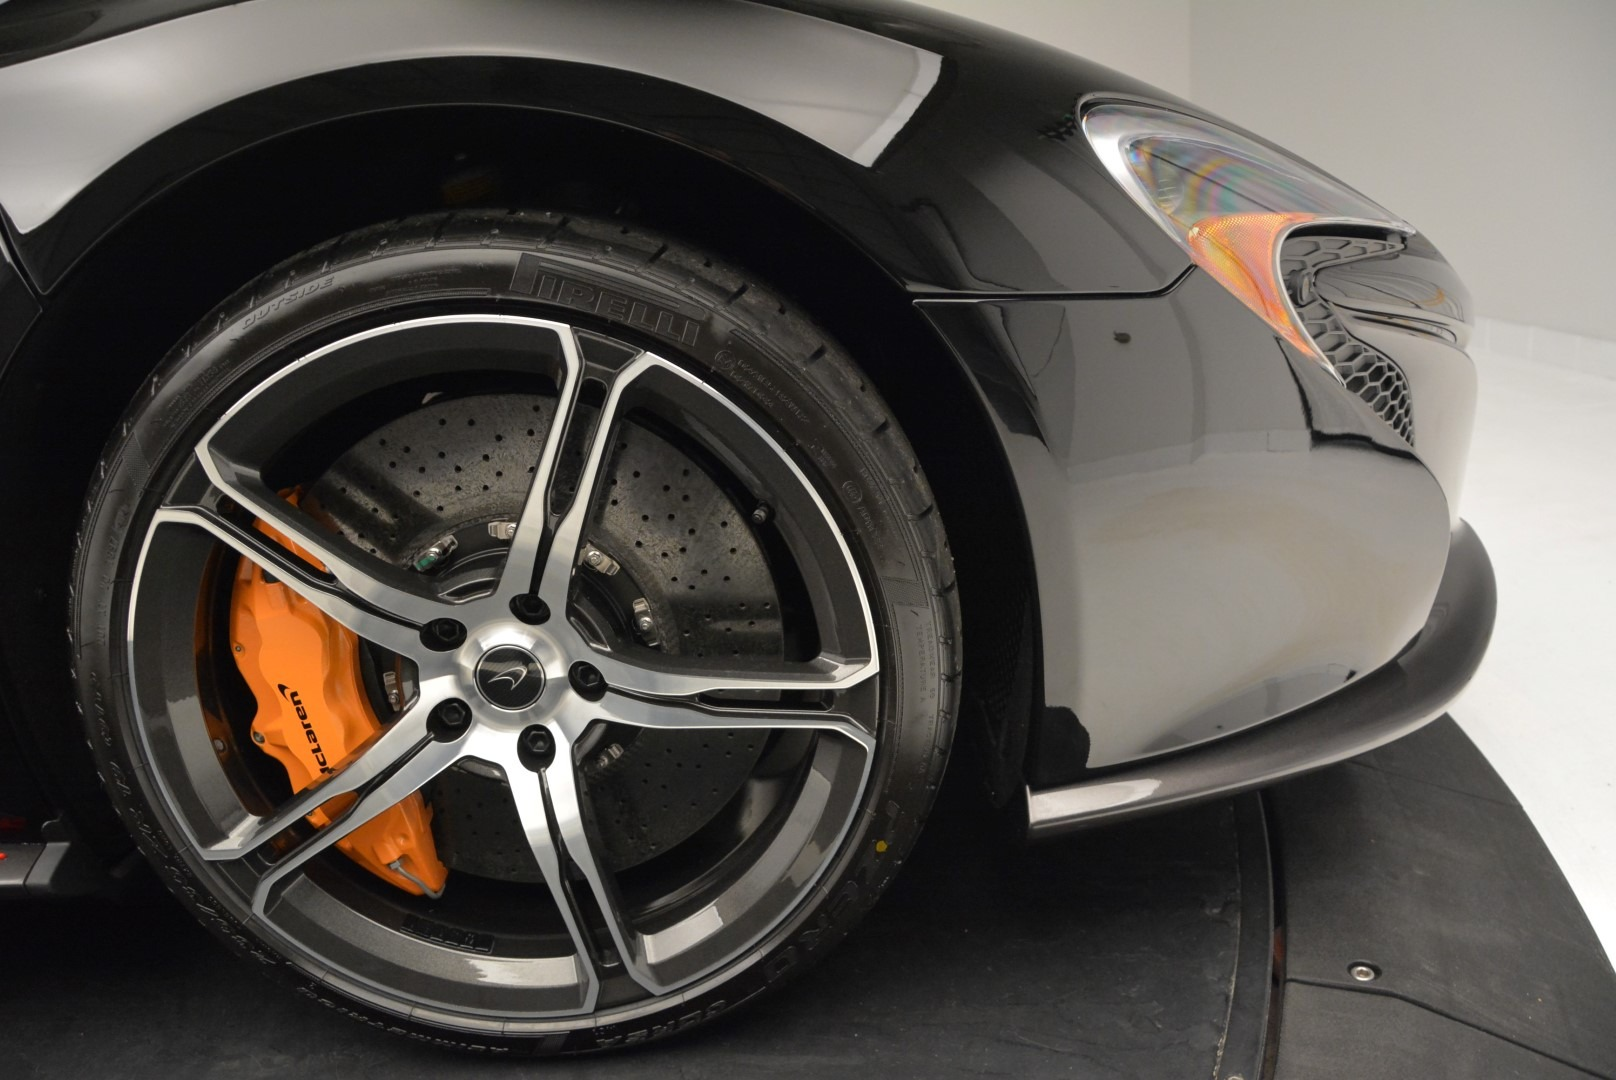 Used 2015 McLaren 650S Spider For Sale In Westport, CT 2089_p29